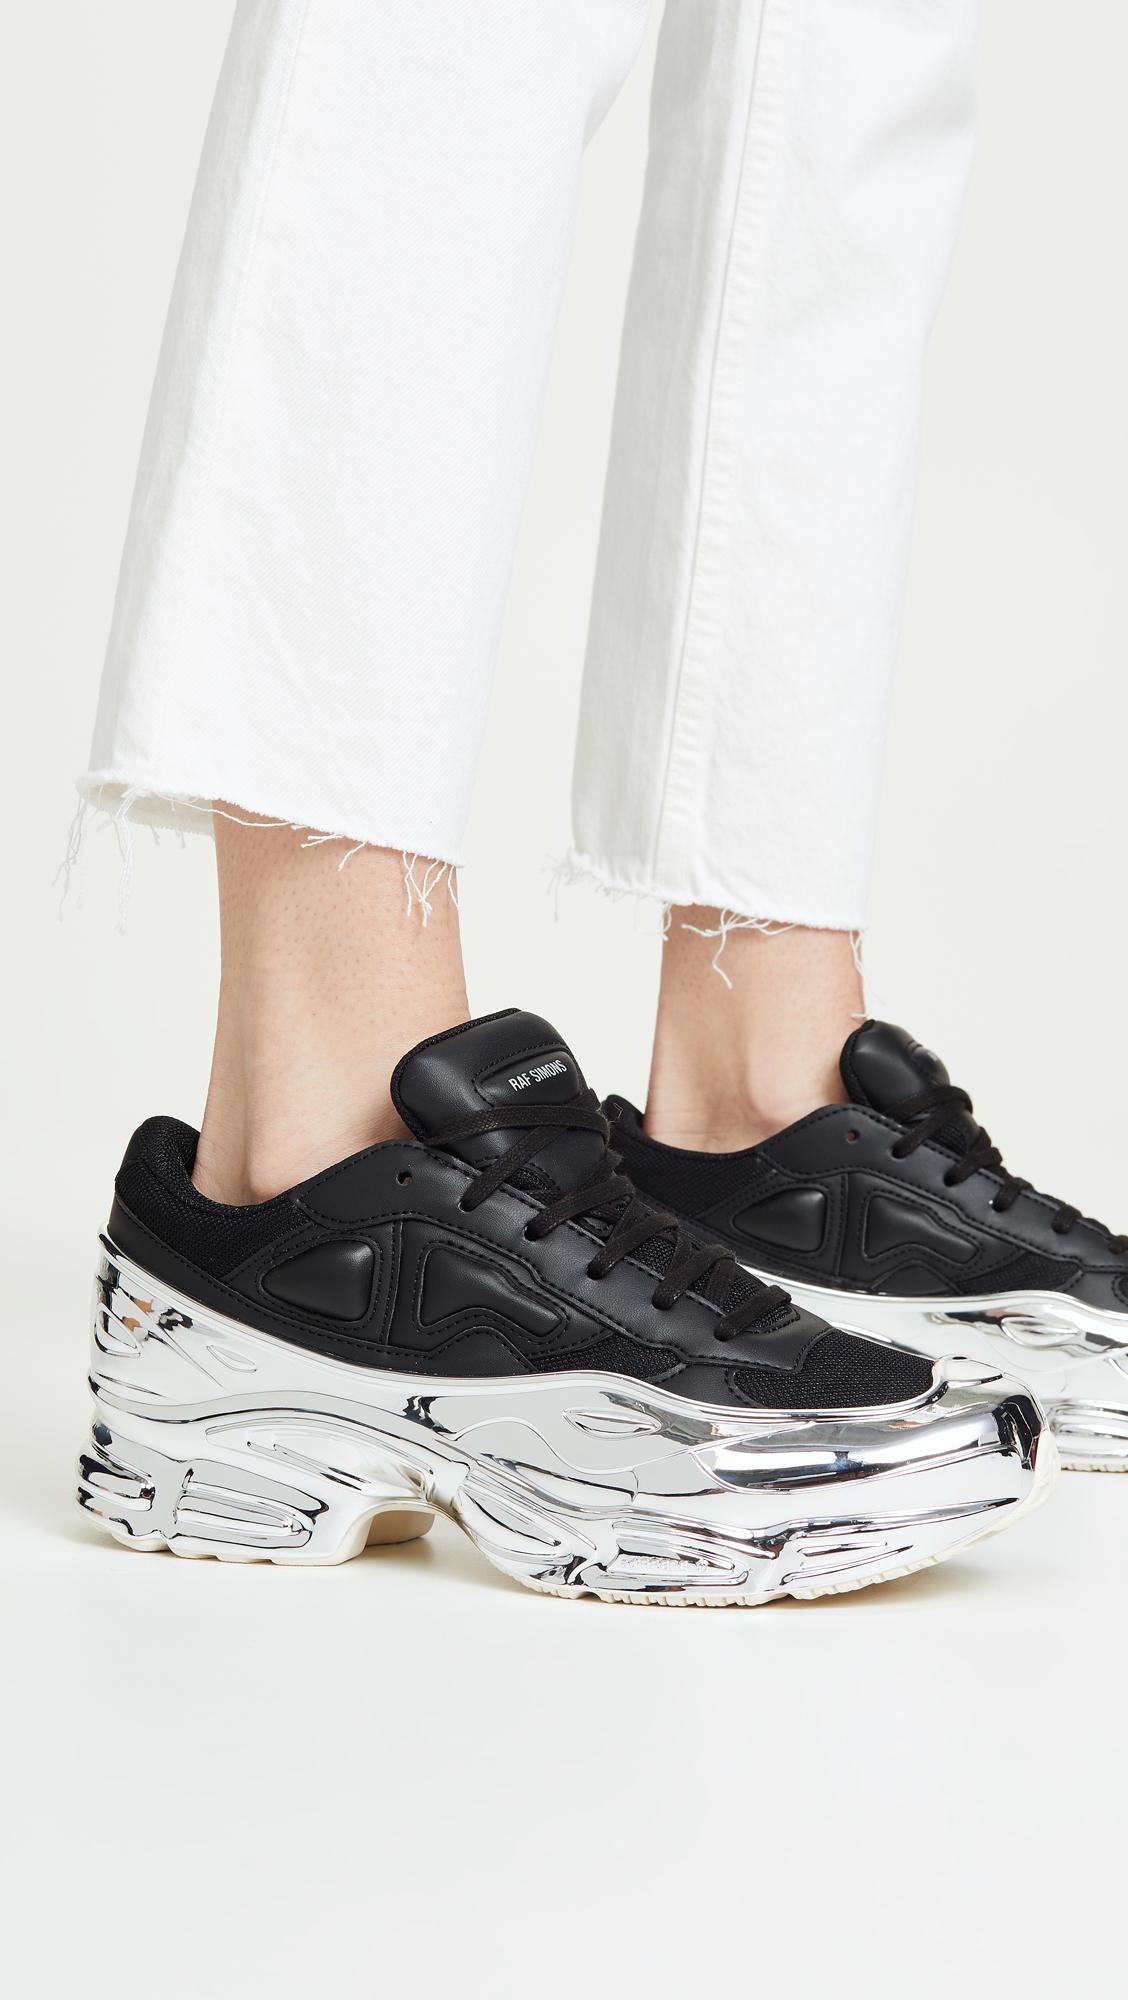 adidas Raf Simons Ozweego Sneakers | SHOPBOP SAVE UP TO 25